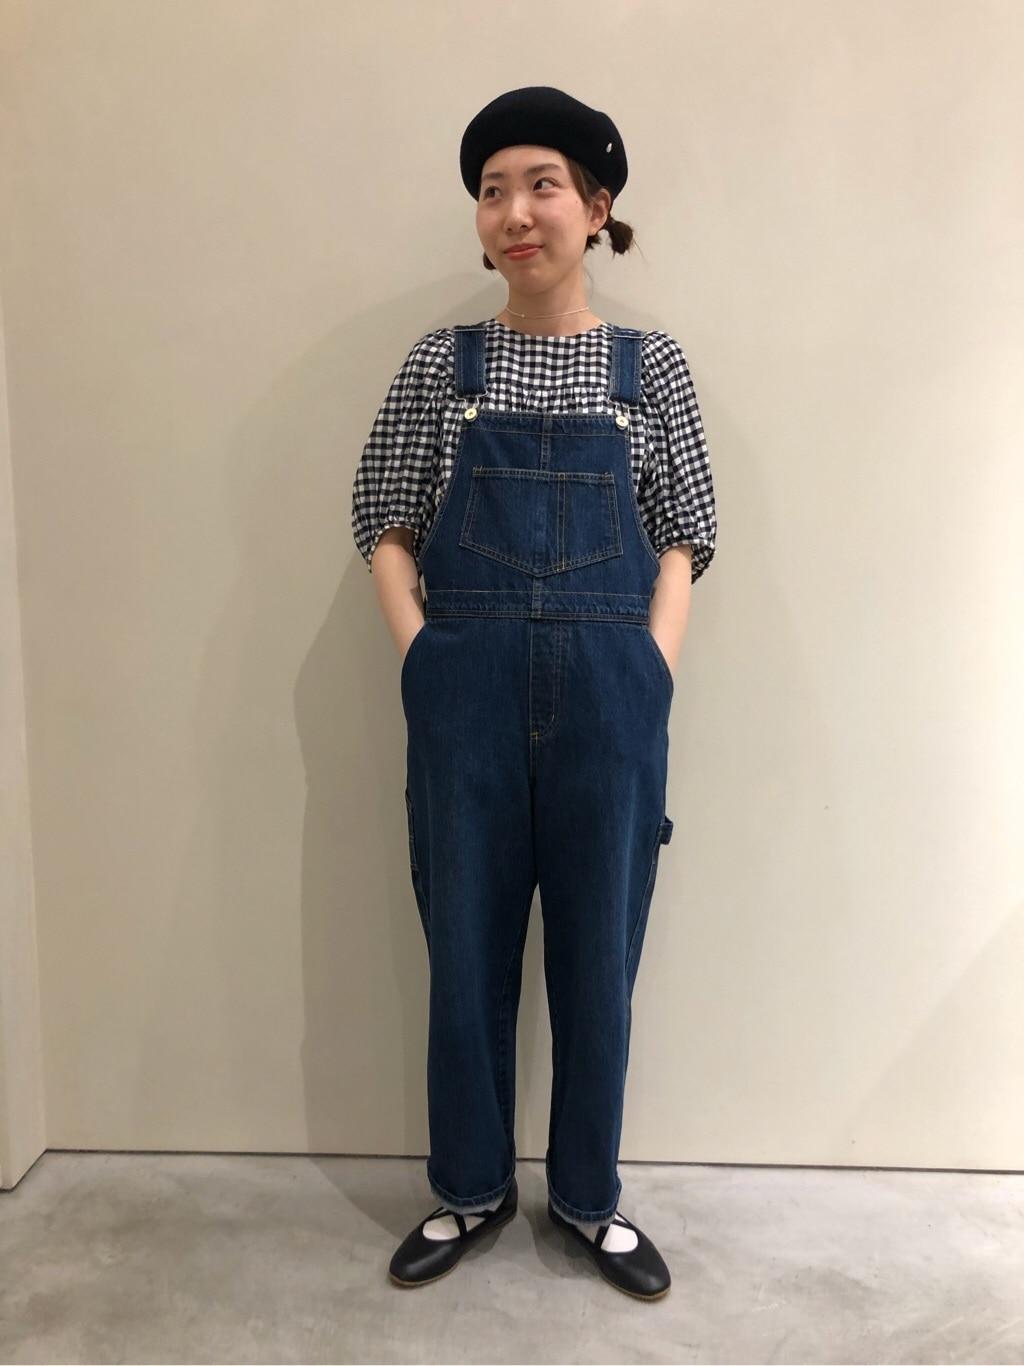 - CHILD WOMAN CHILD WOMAN , PAR ICI 新宿ミロード 身長:159cm 2021.05.10